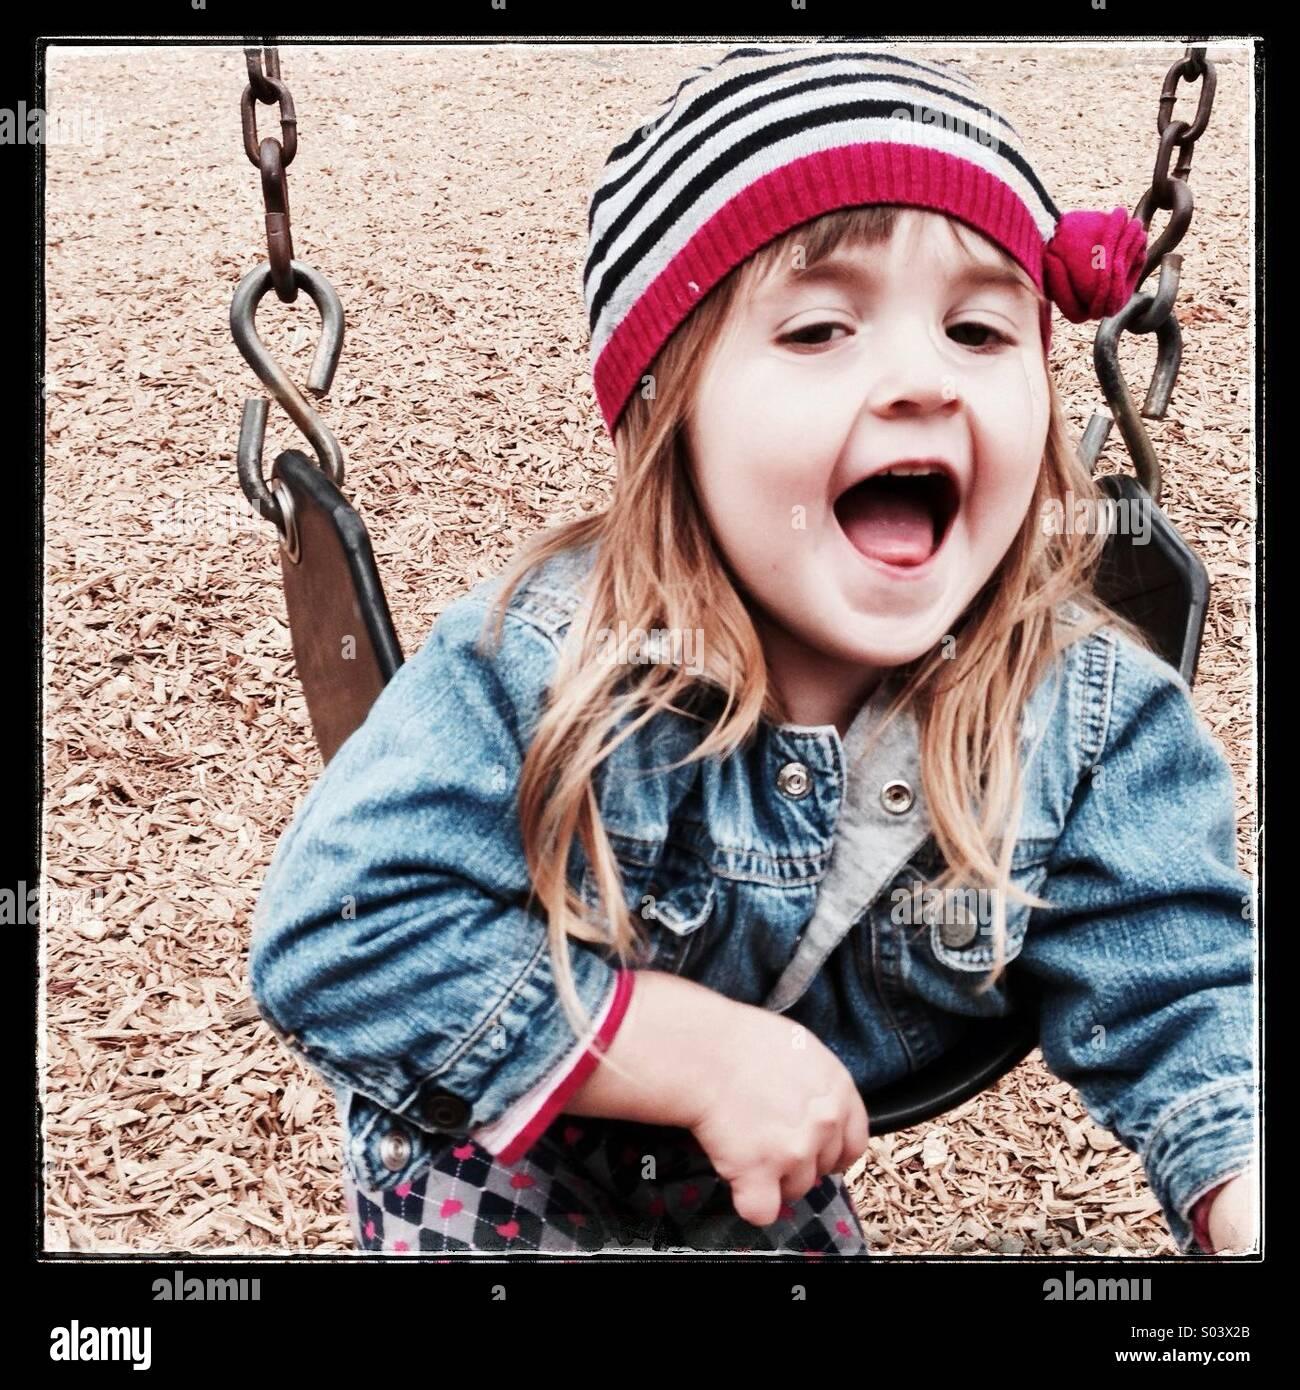 Tout-petit Caucasian girl s'amusant sur une balançoire Photo Stock